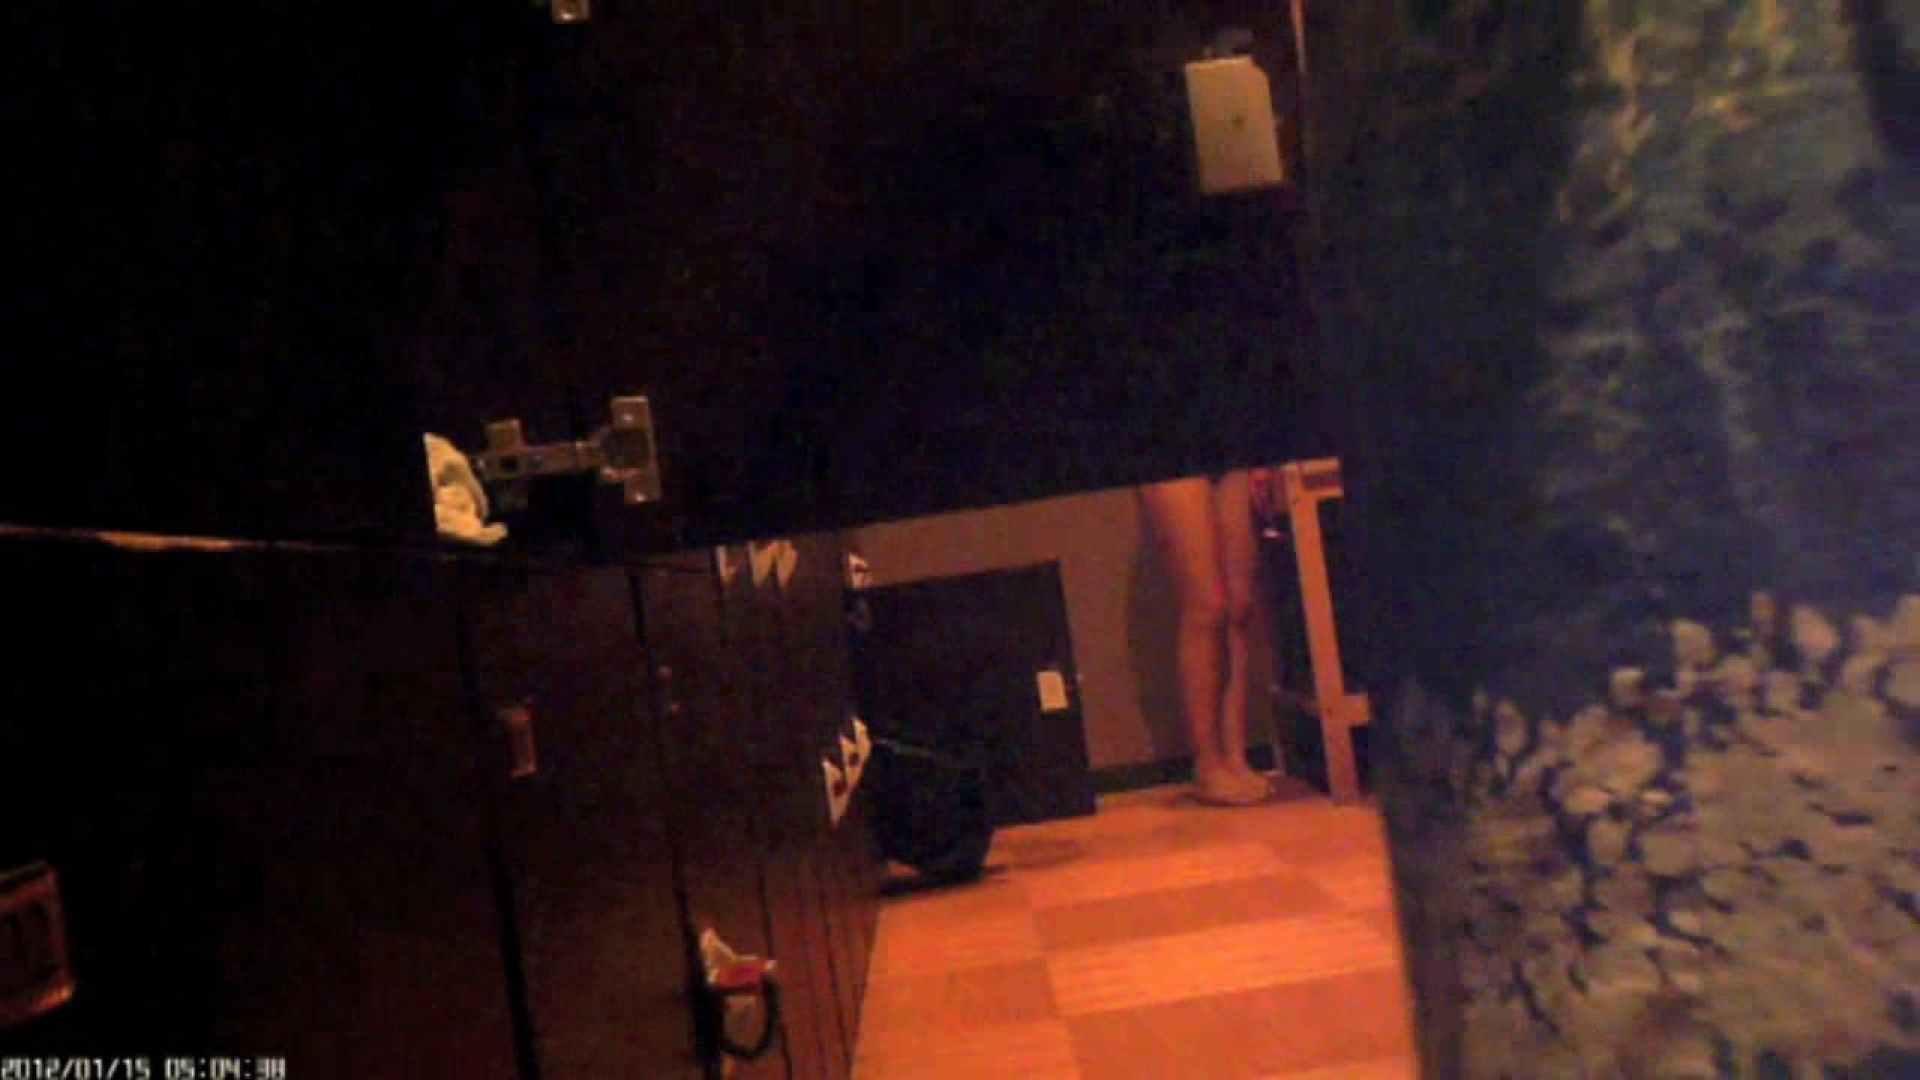 現役ギャル盗撮師 hana様の女風呂潜入撮!Vol.4 ギャルのエロ生活 盗み撮り動画キャプチャ 42連発 31